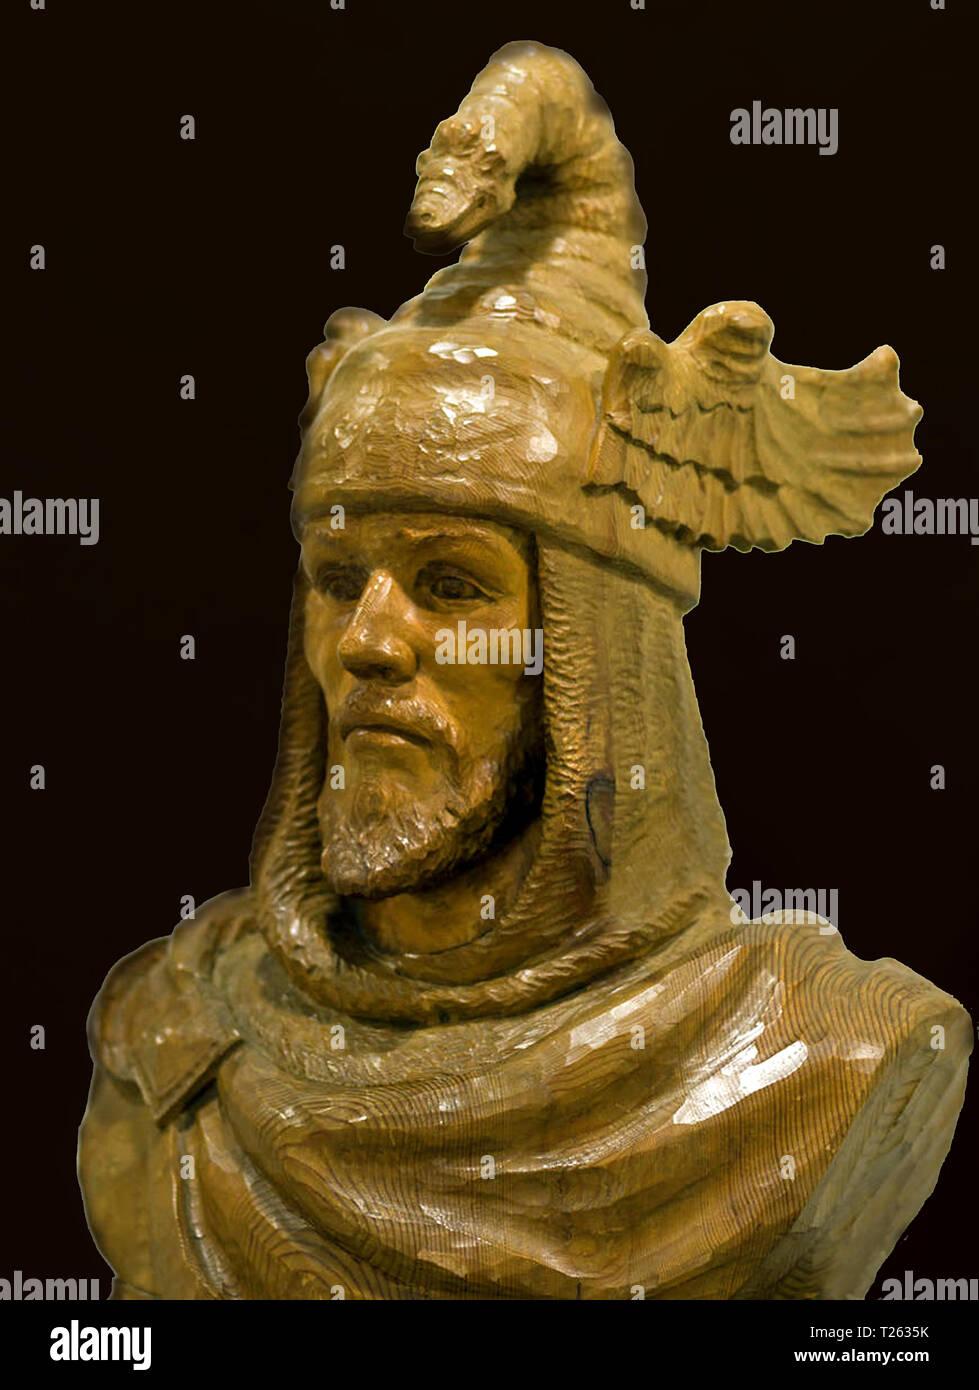 Busto de Jaime I por el escultor valenciano Francisco Serra Andrés - Stock Image